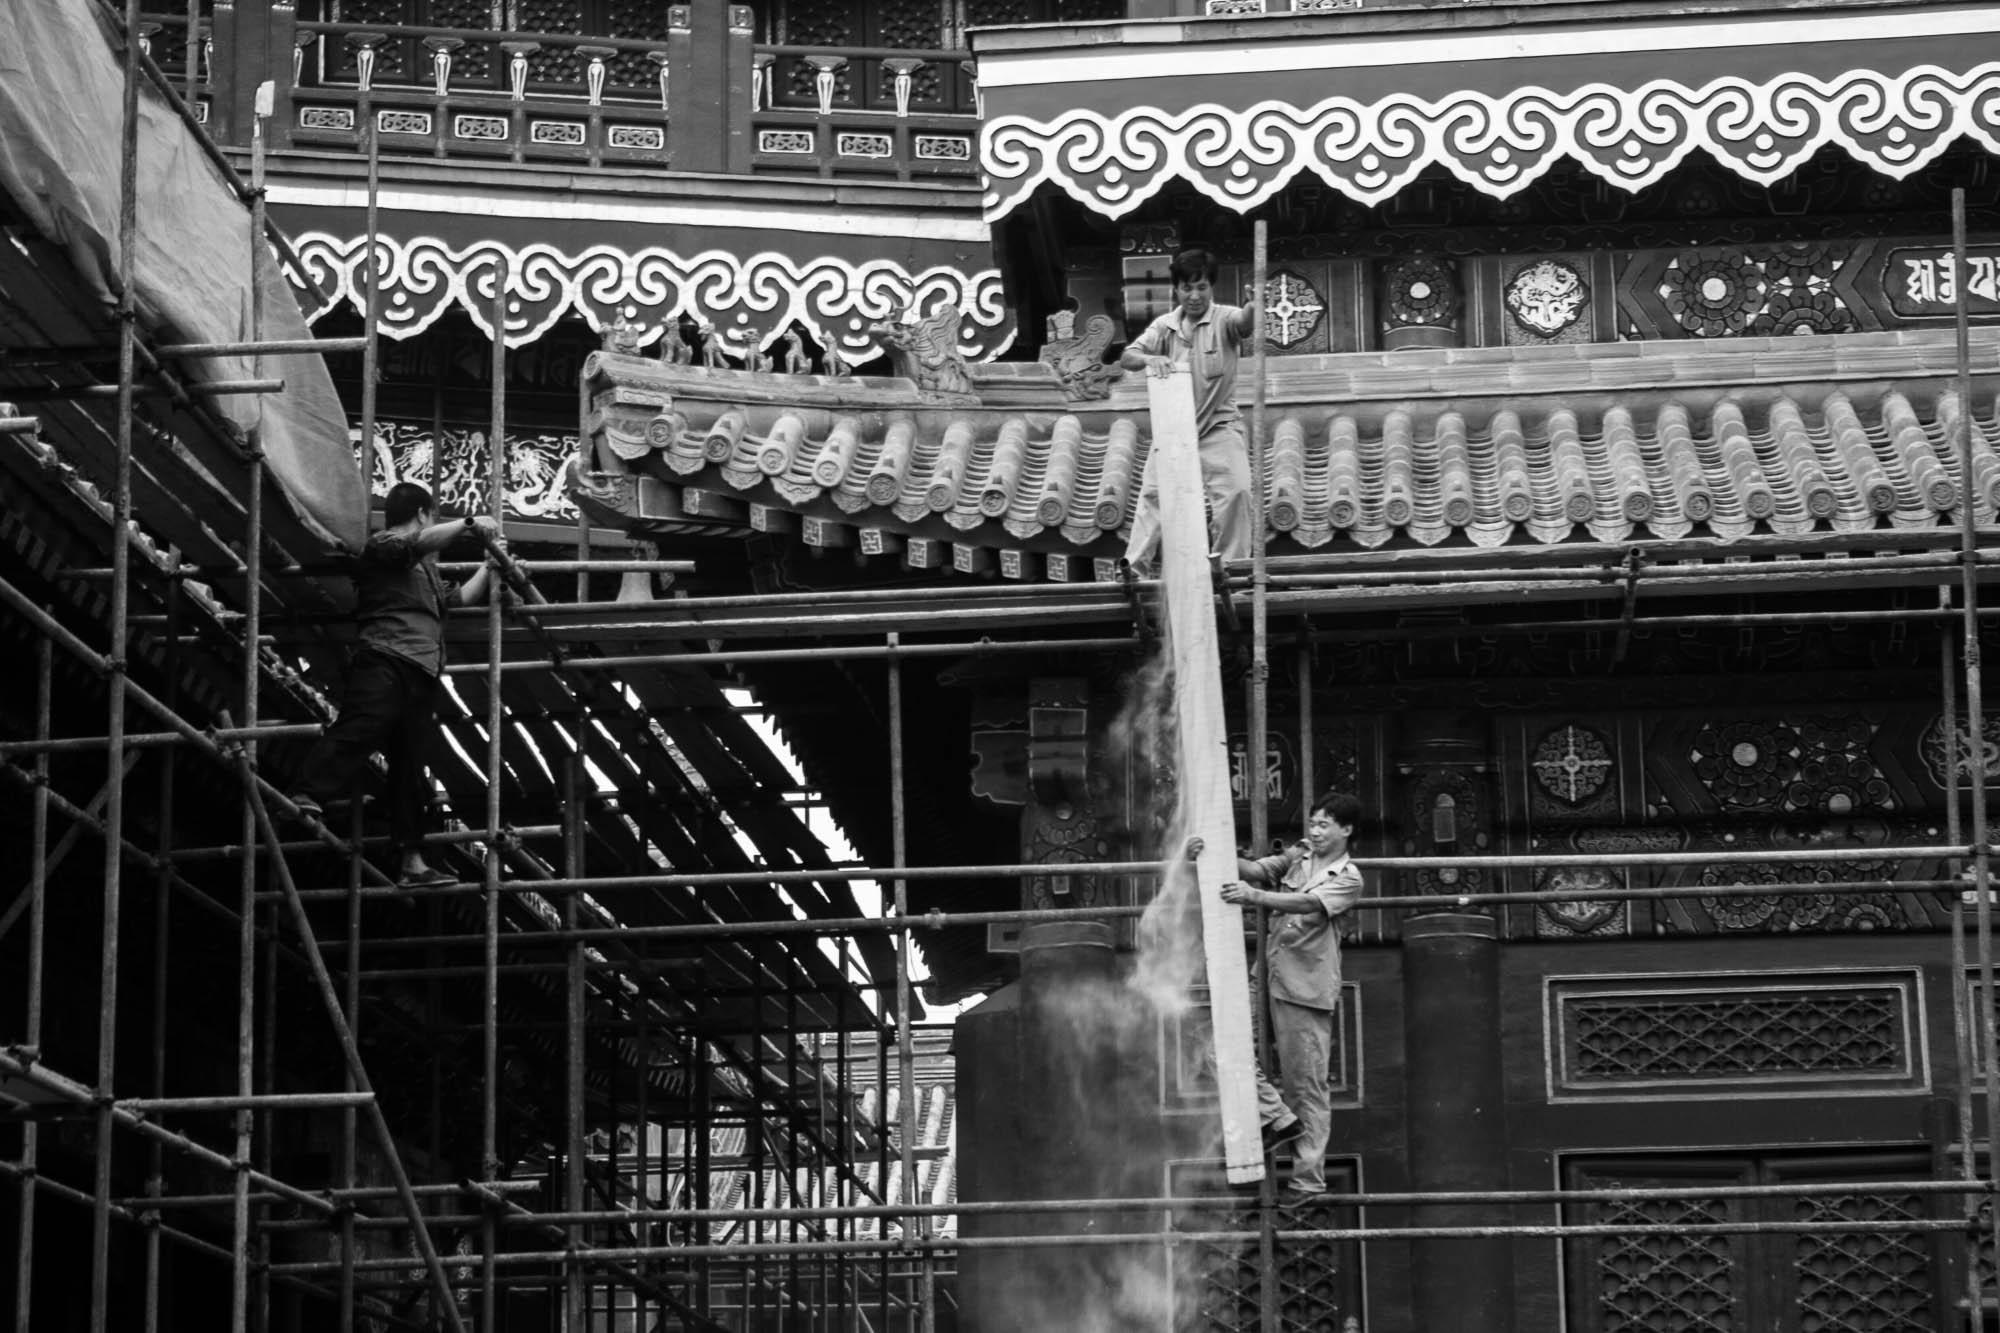 Yonghegong Lama Temple in 2005